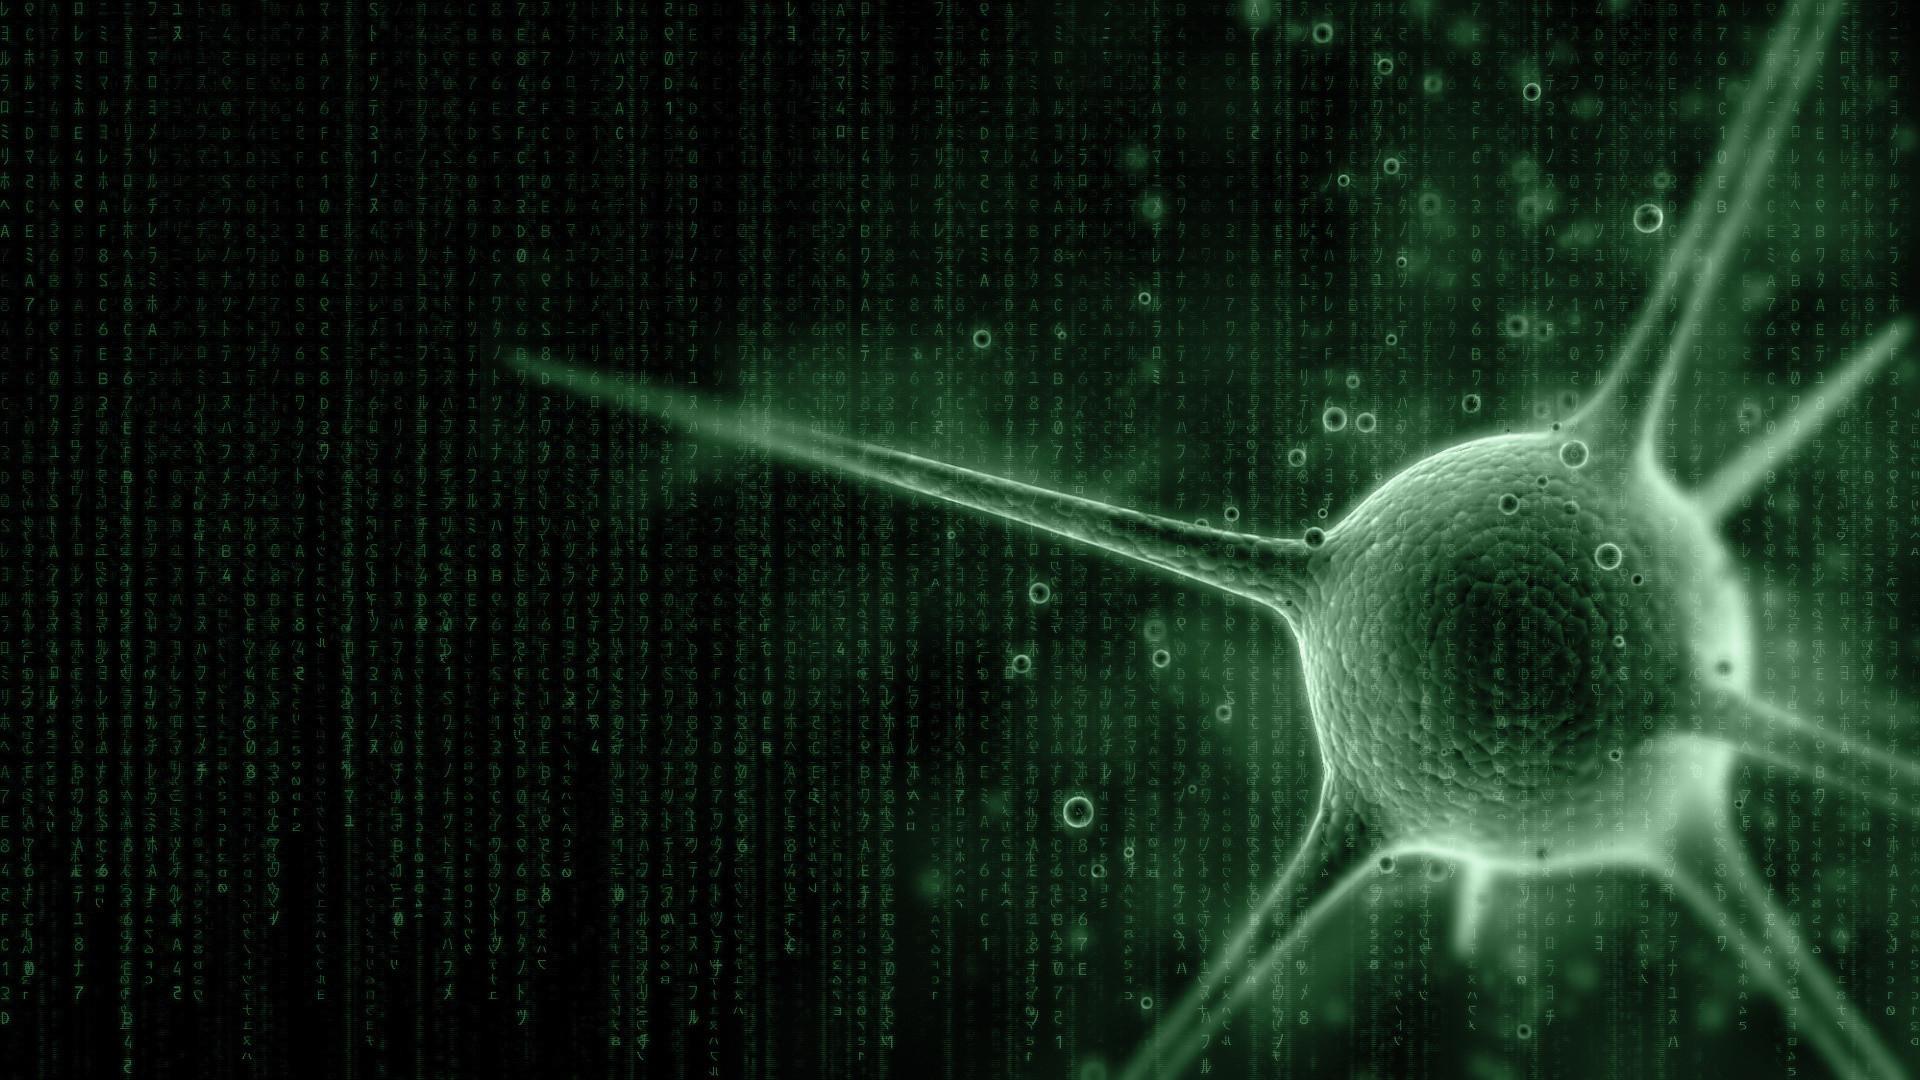 The Matrix Code Wallpaper Hd